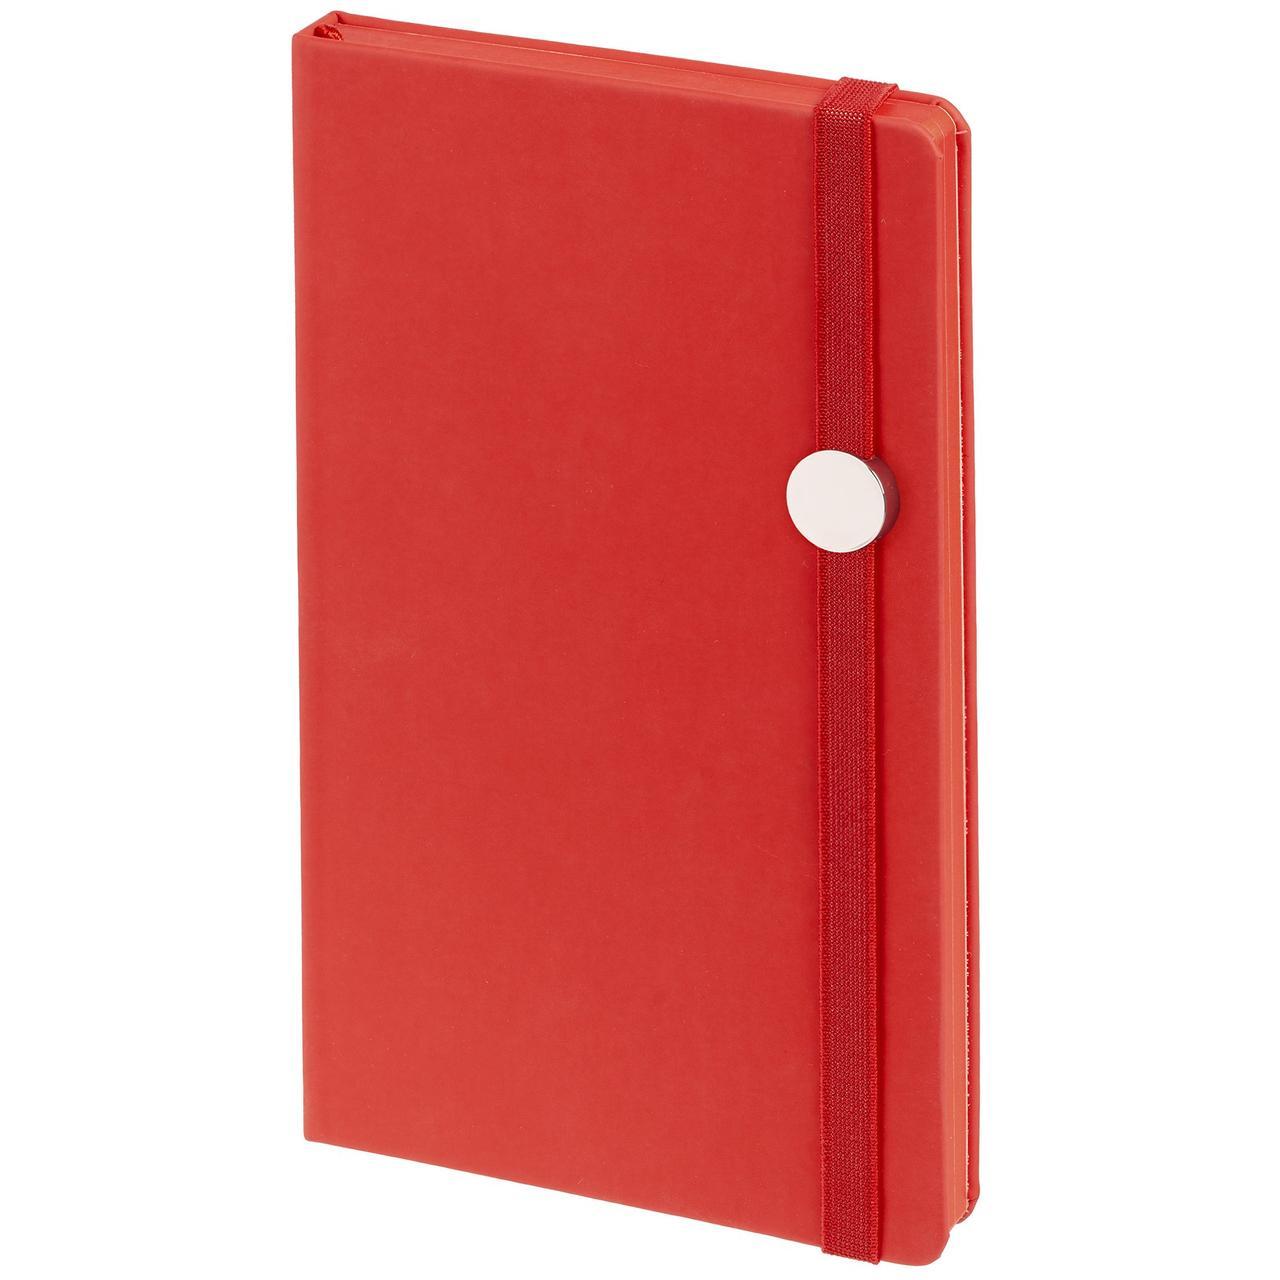 Блокнот Shall Round, красный (артикул 11882.50)